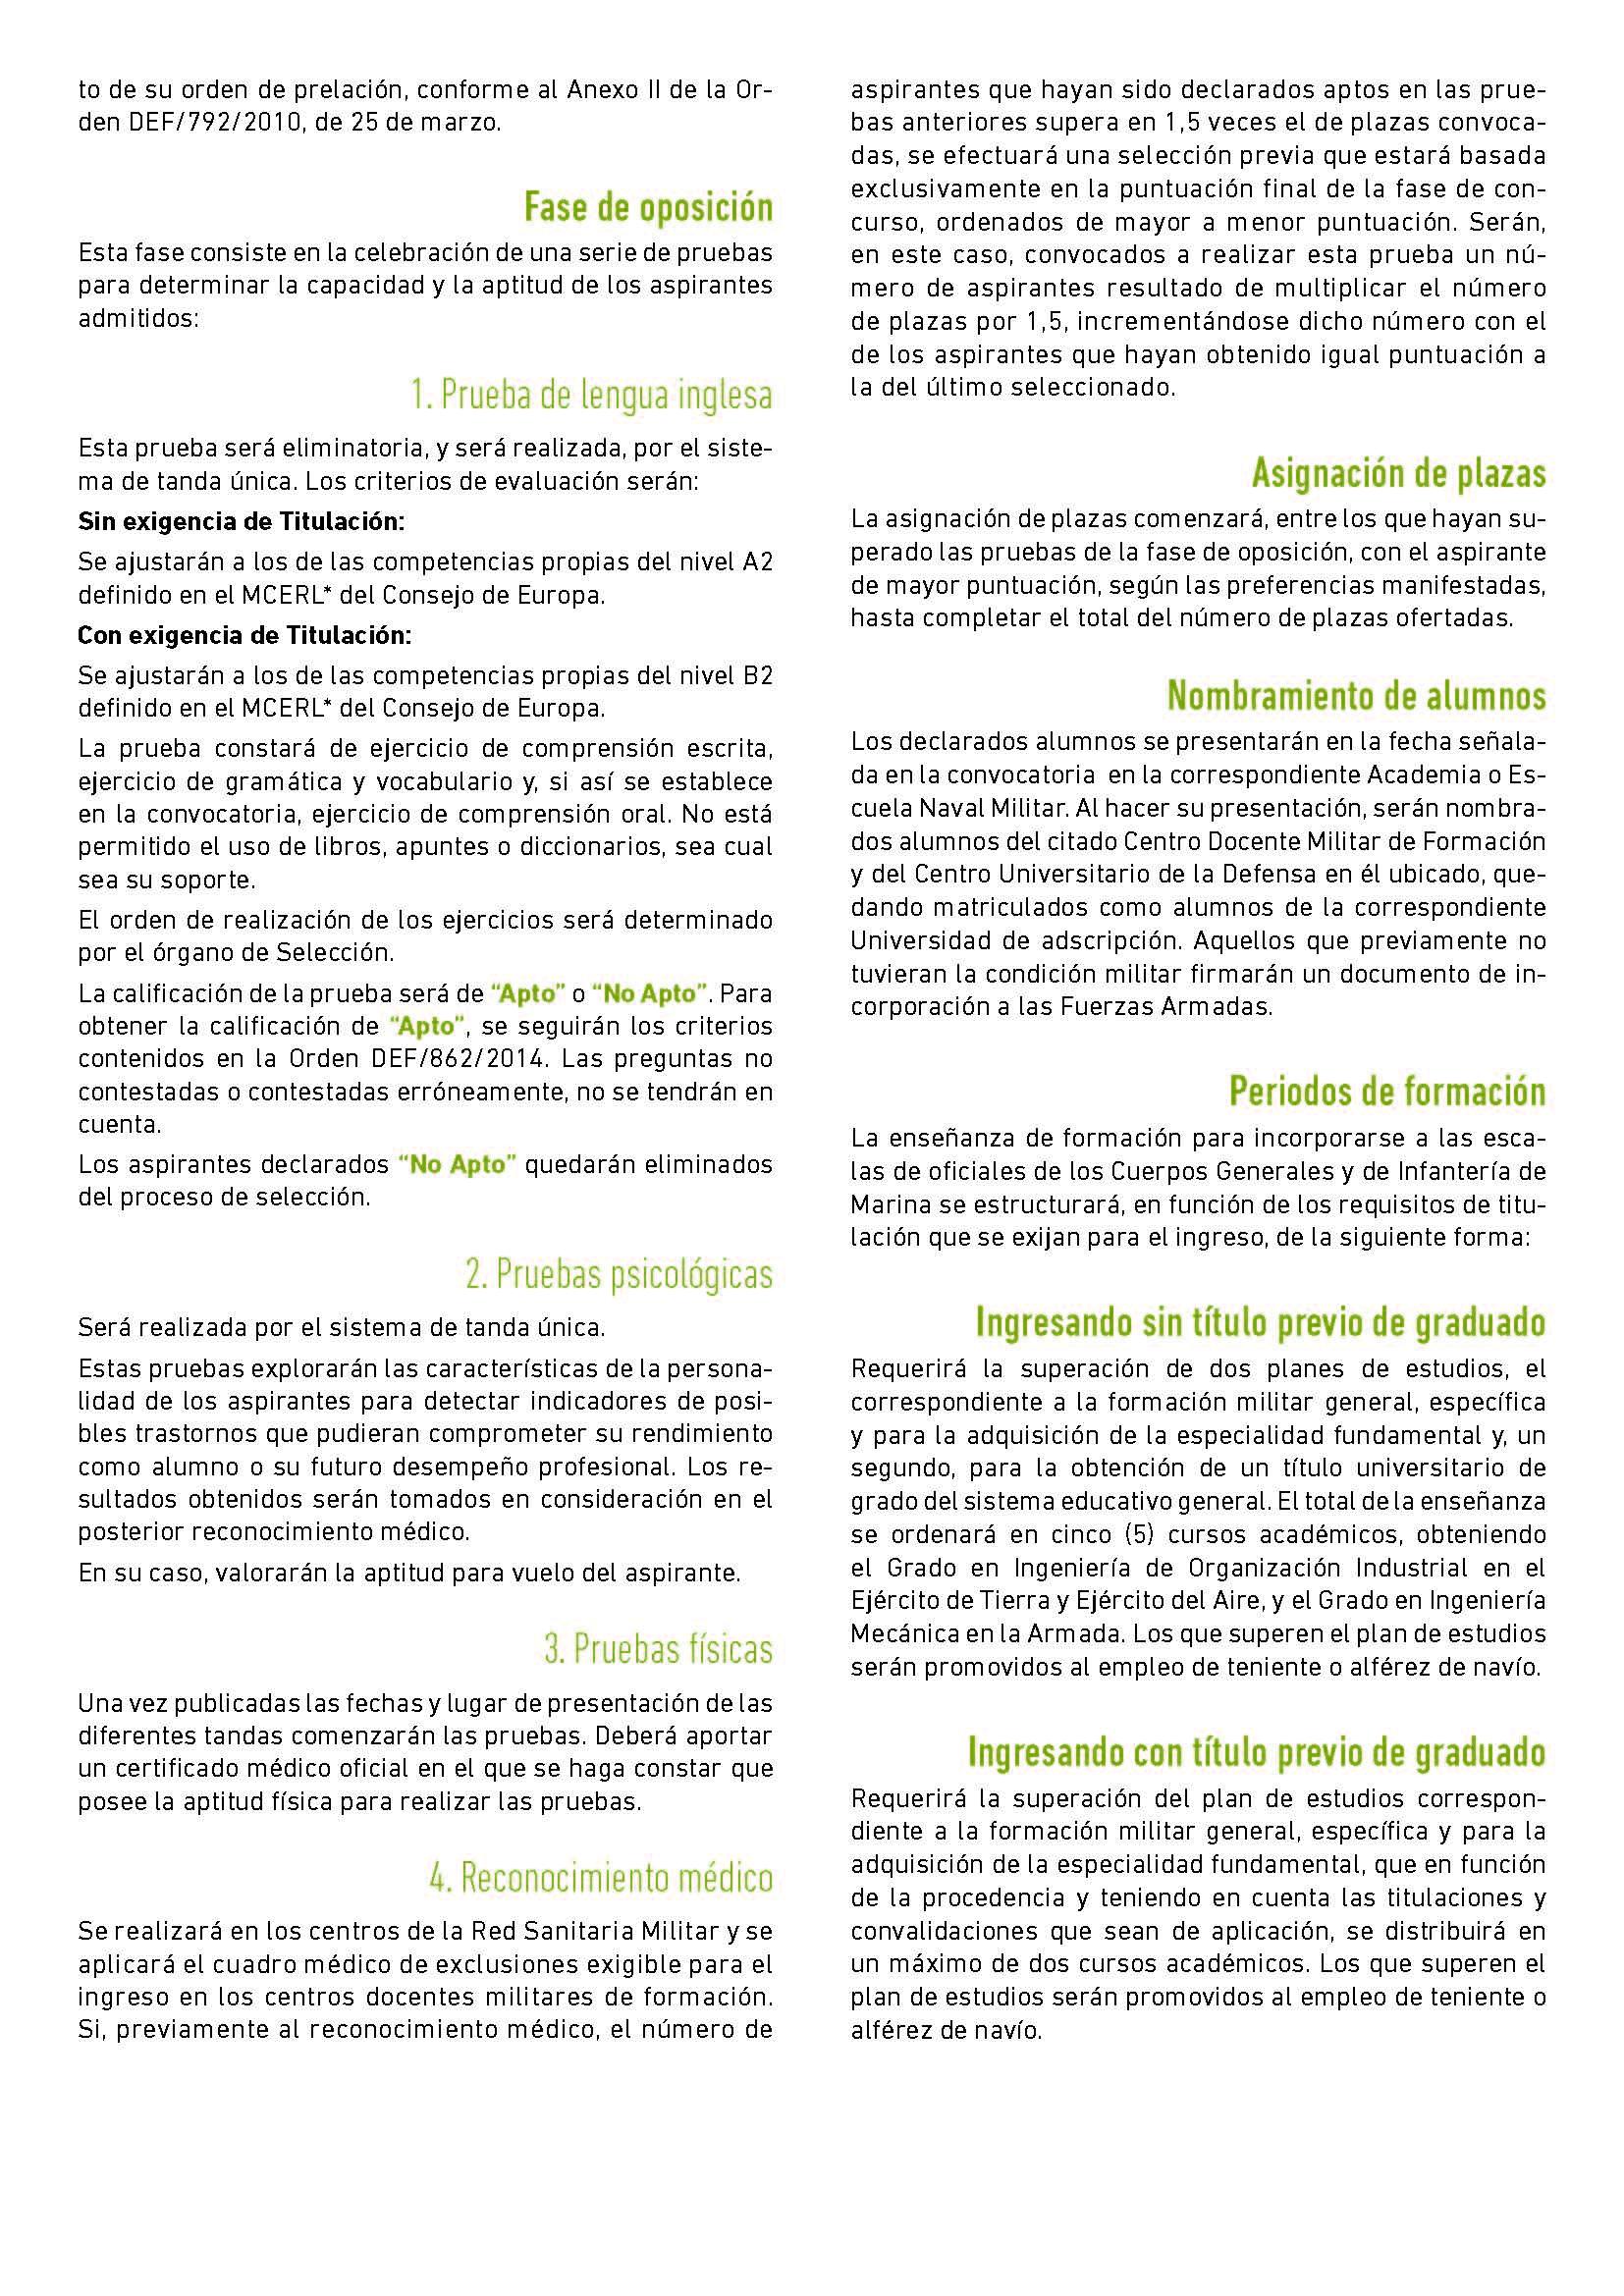 OFICIALES-CG_maio21_Página_3